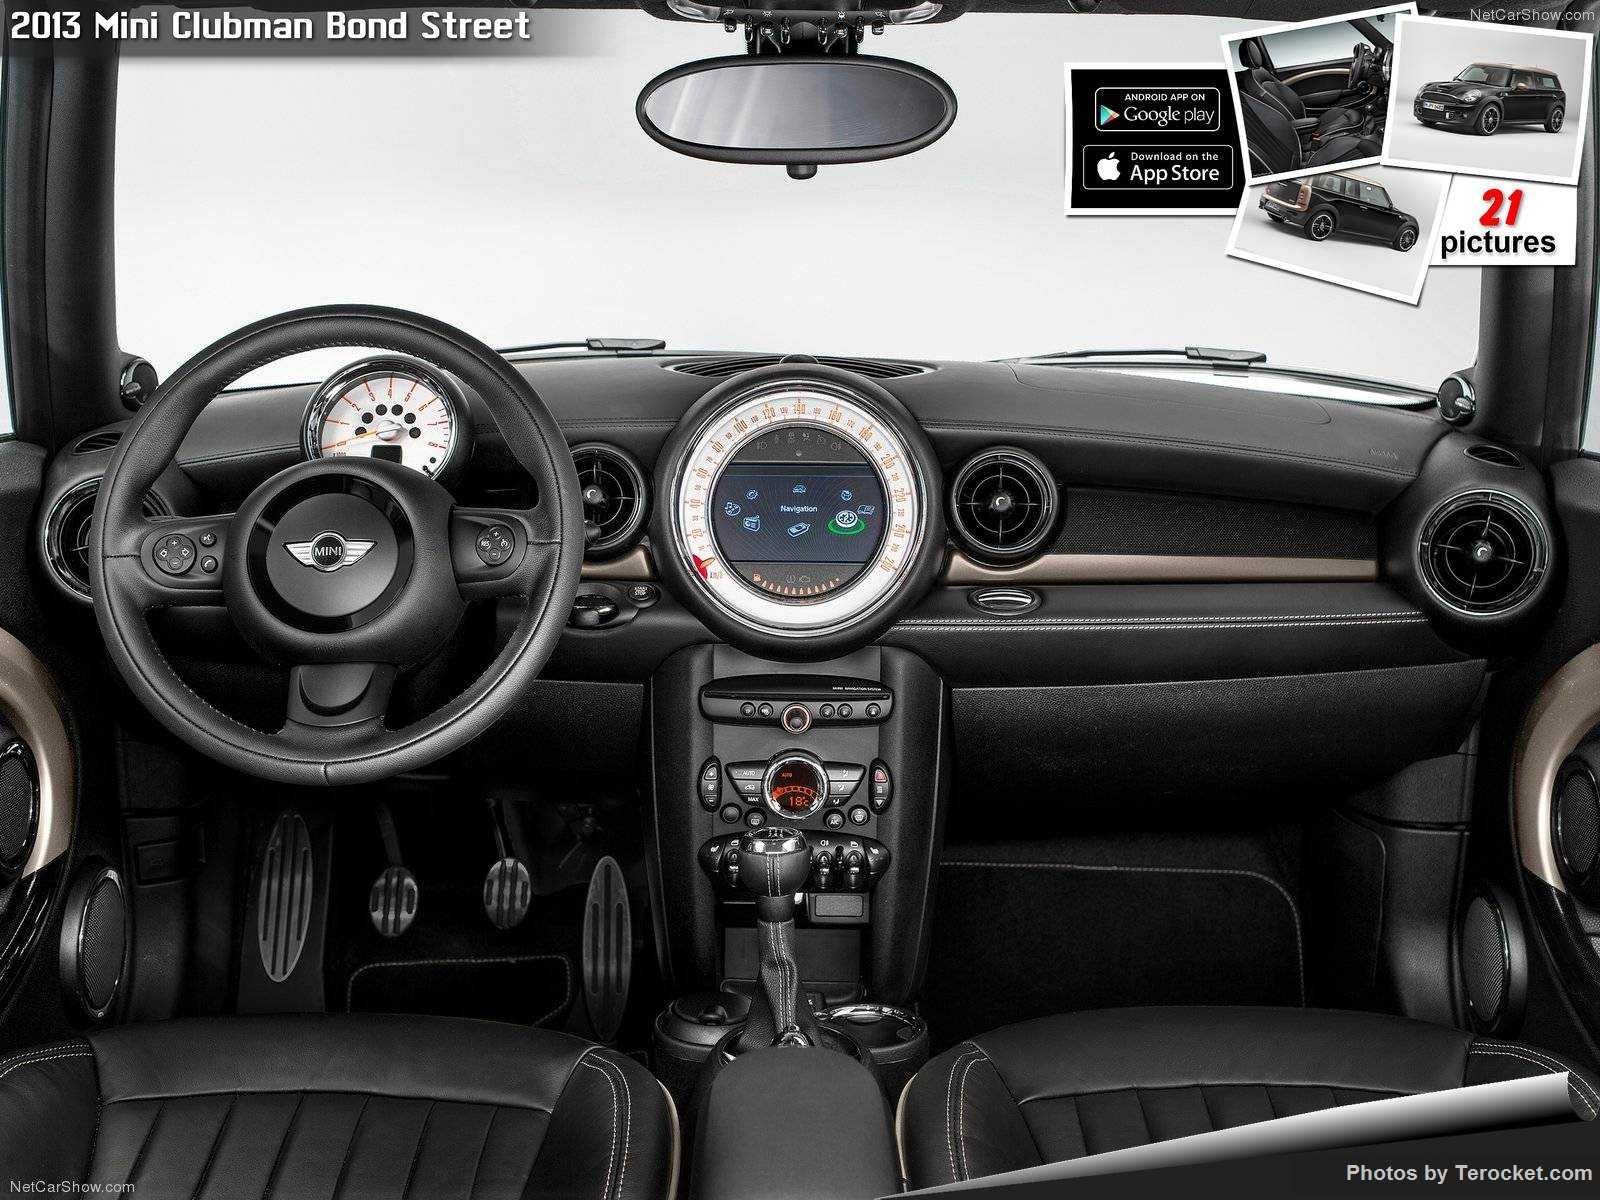 Hình ảnh xe ô tô Mini Clubman Bond Street 2013 & nội ngoại thất